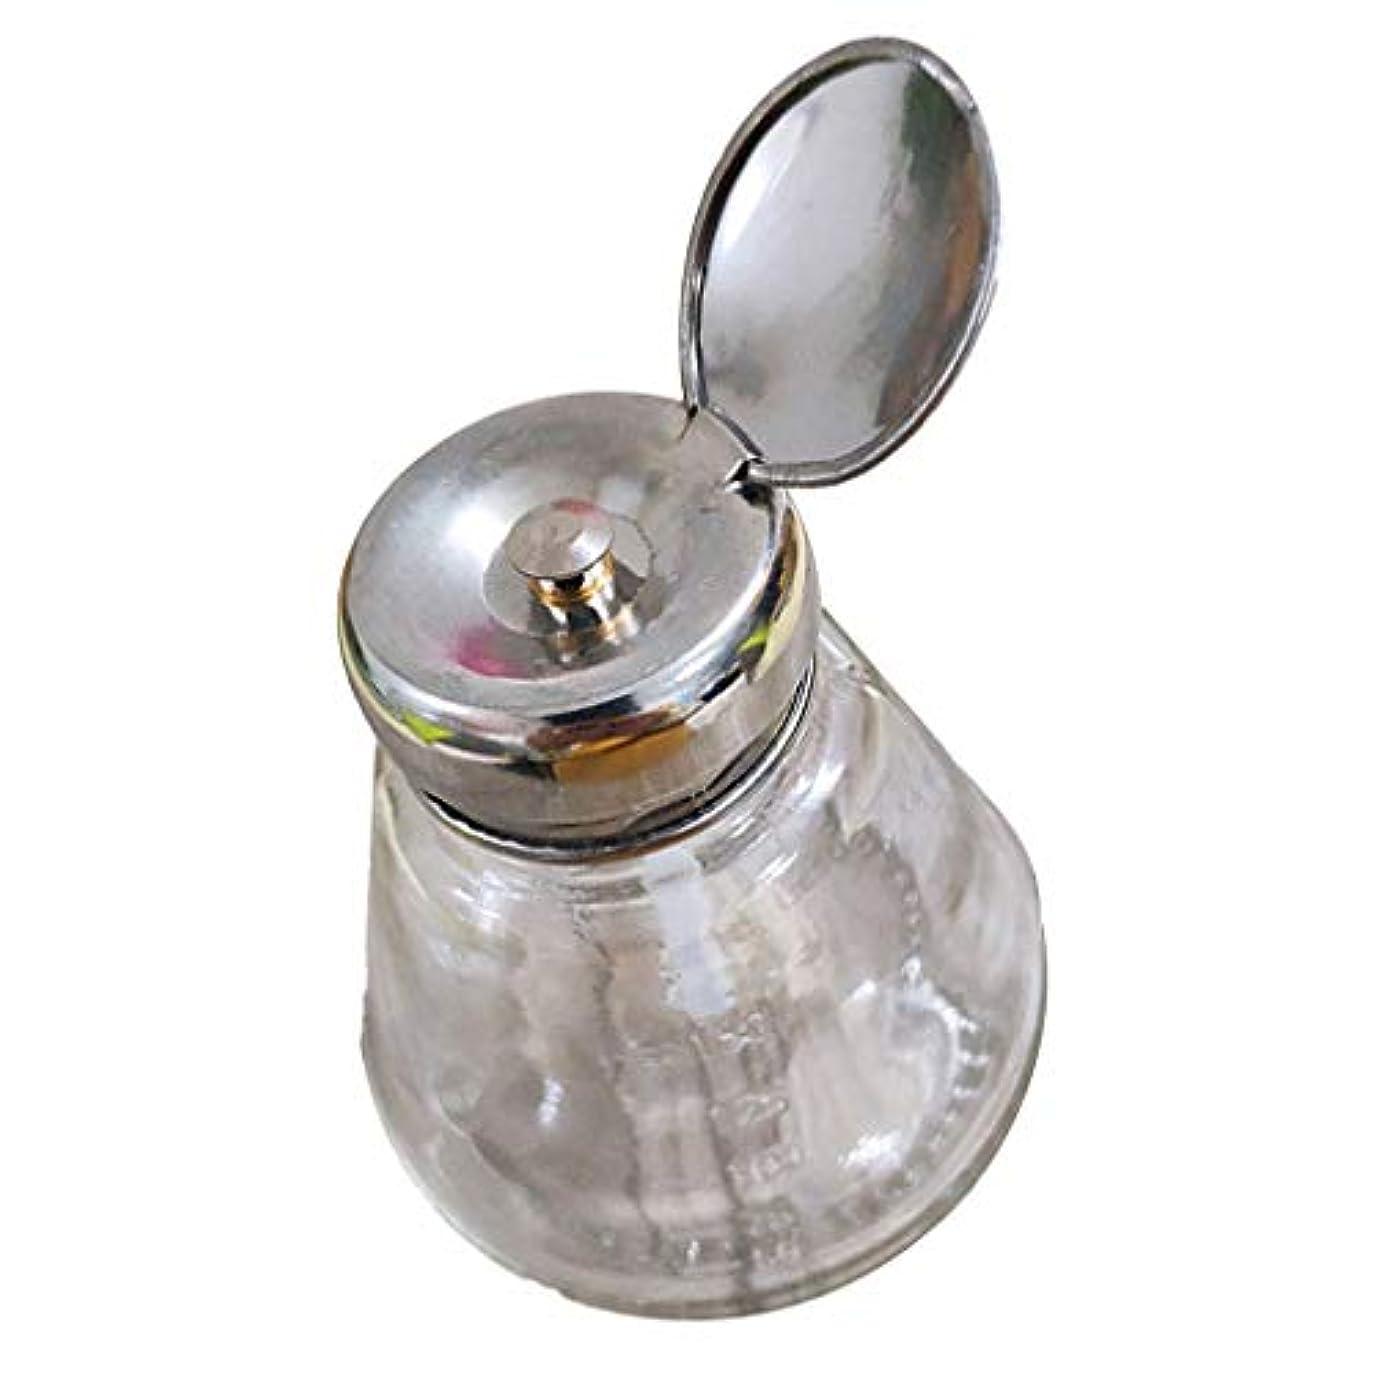 ねじれつかの間結婚Sharplace プレスボトル マニキュアリムー ポンプディスペンサー 逆流防止 ガラス製 ネイルアート